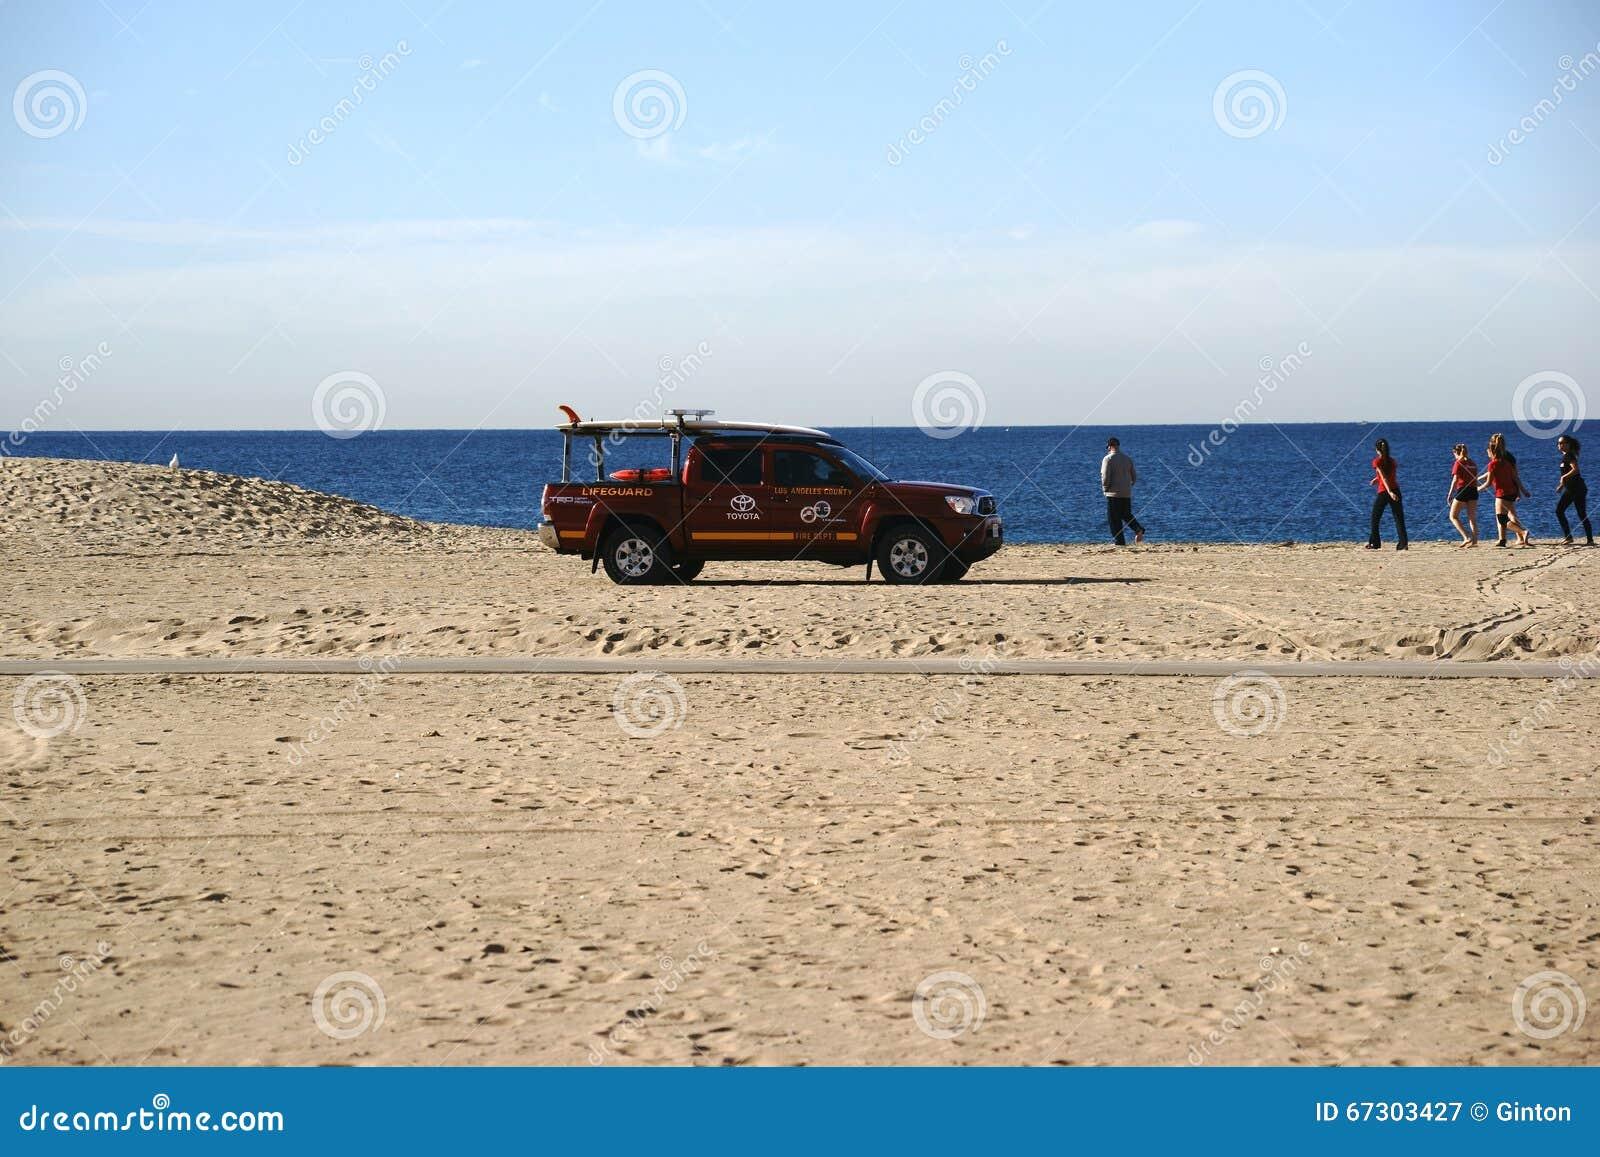 Salvavidas Patrol en la playa